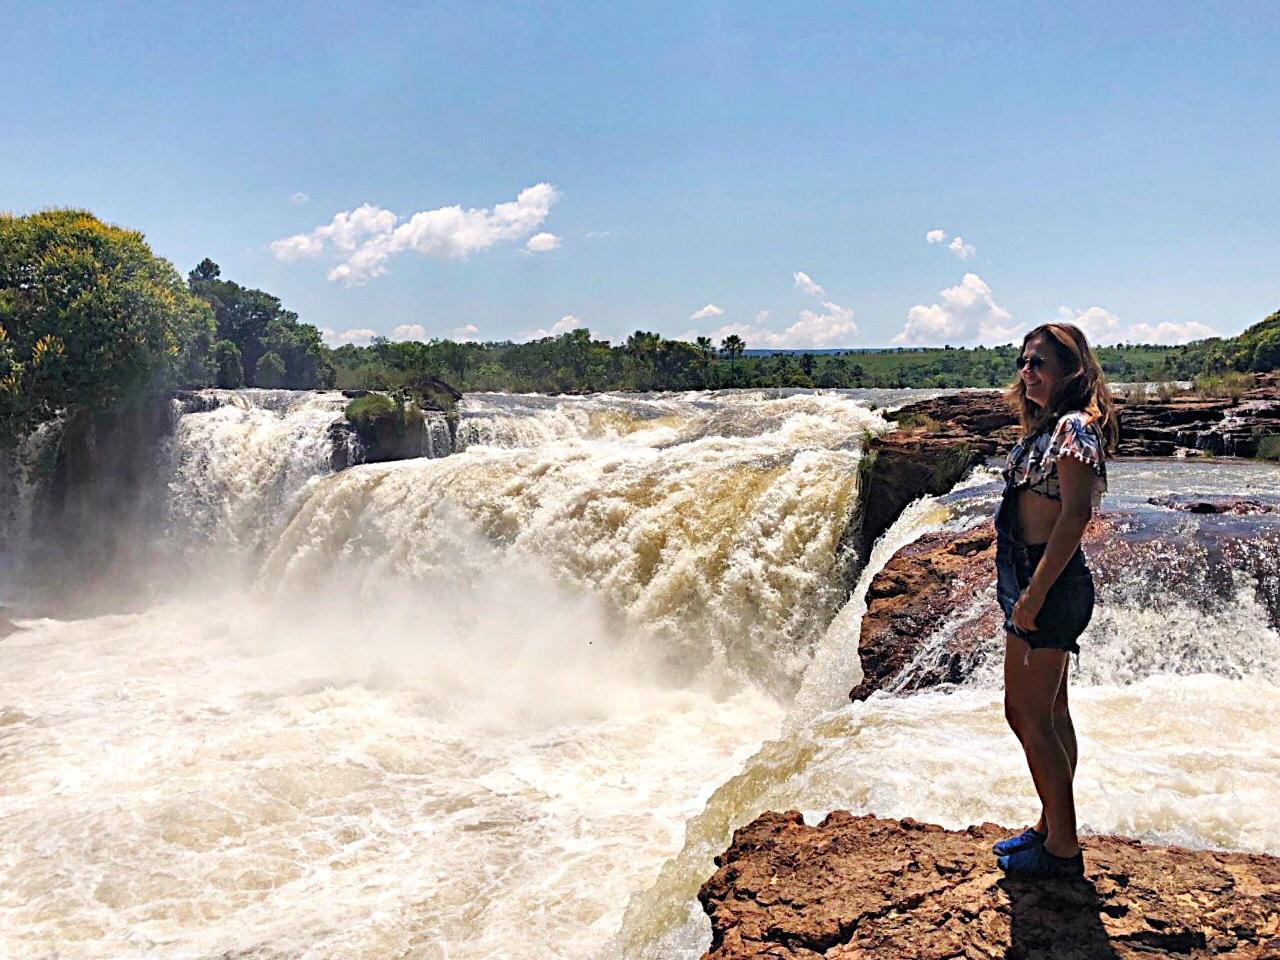 Cachoeira da Velha no Jalapão: Um grande espetáculo